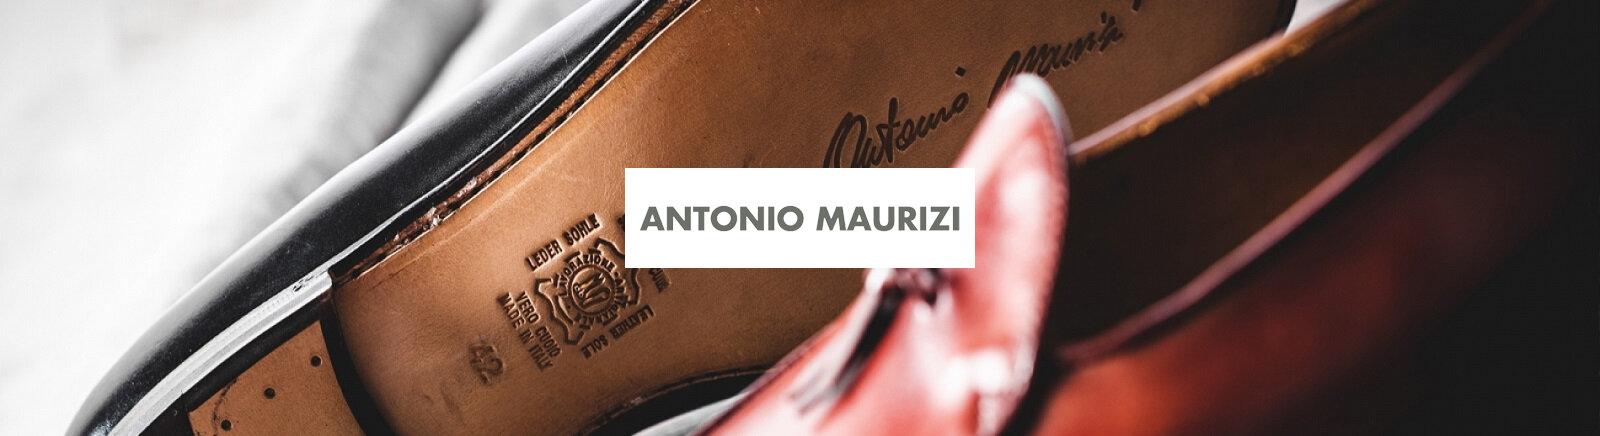 Juppen: Antonio Maurizi Bequeme und gefütterte Winterschuhe für Damen online shoppen